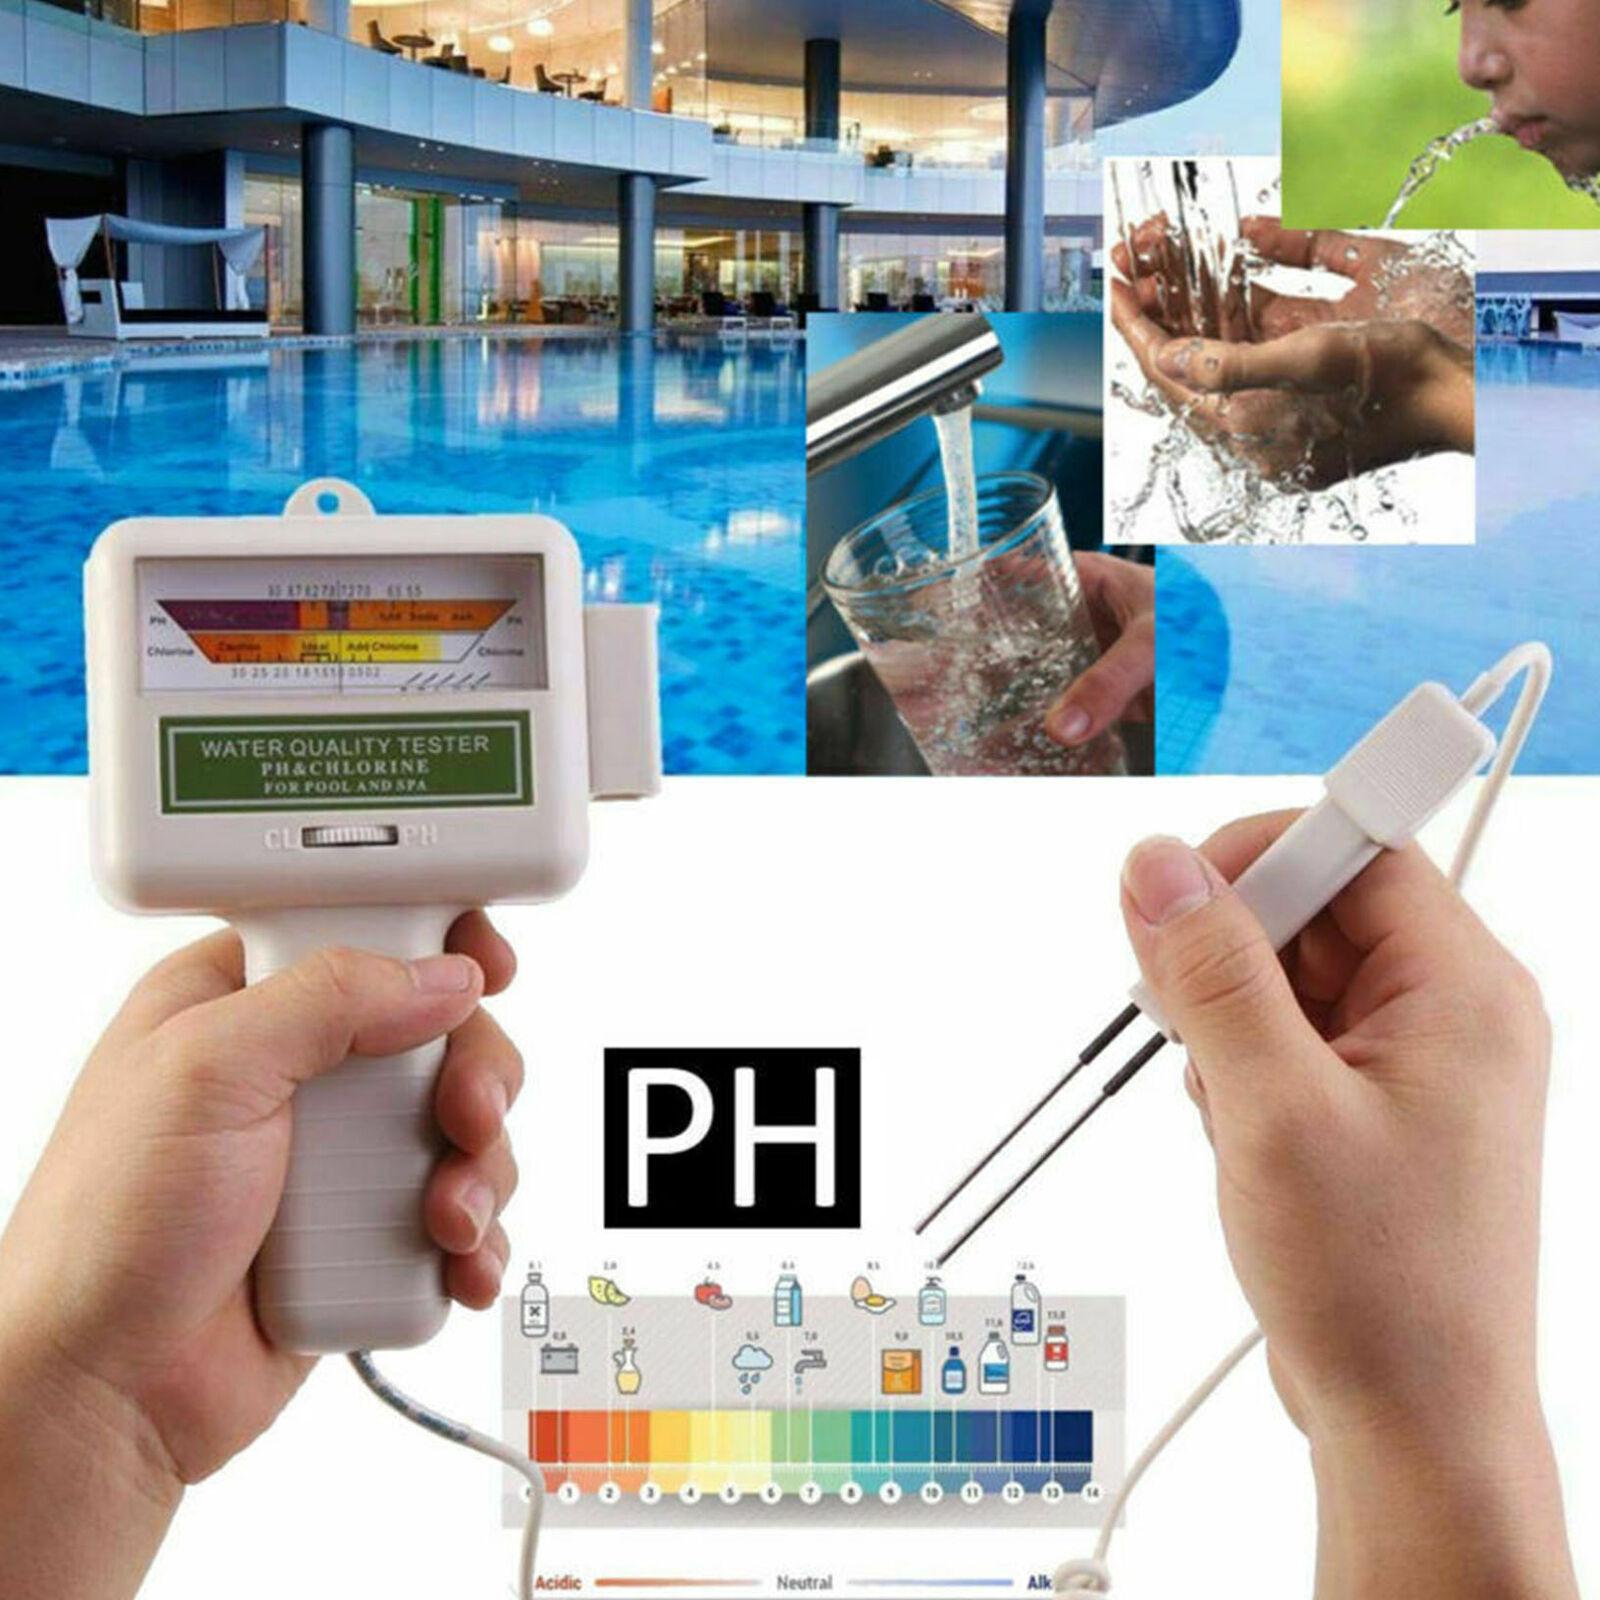 Lc_ Digital Eau Testeur Ph Chlore Niveau Mètre Moniteur Spa ... pour Testeur Piscine